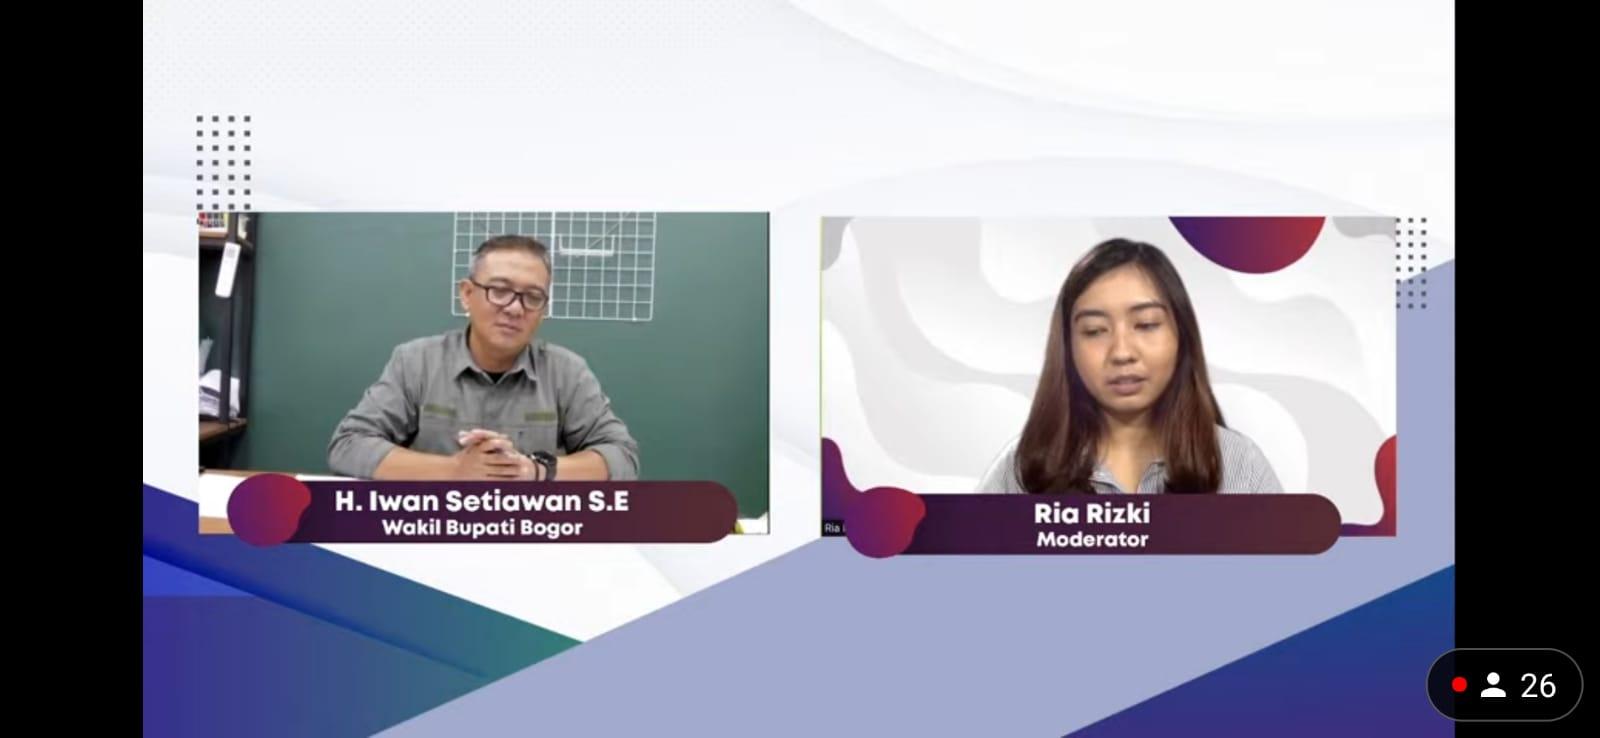 Secara Virtual Wakil Bupati Bogor Diskusi Upaya Antisipasi Kepadatan Kawasan Puncak di Masa PPKM